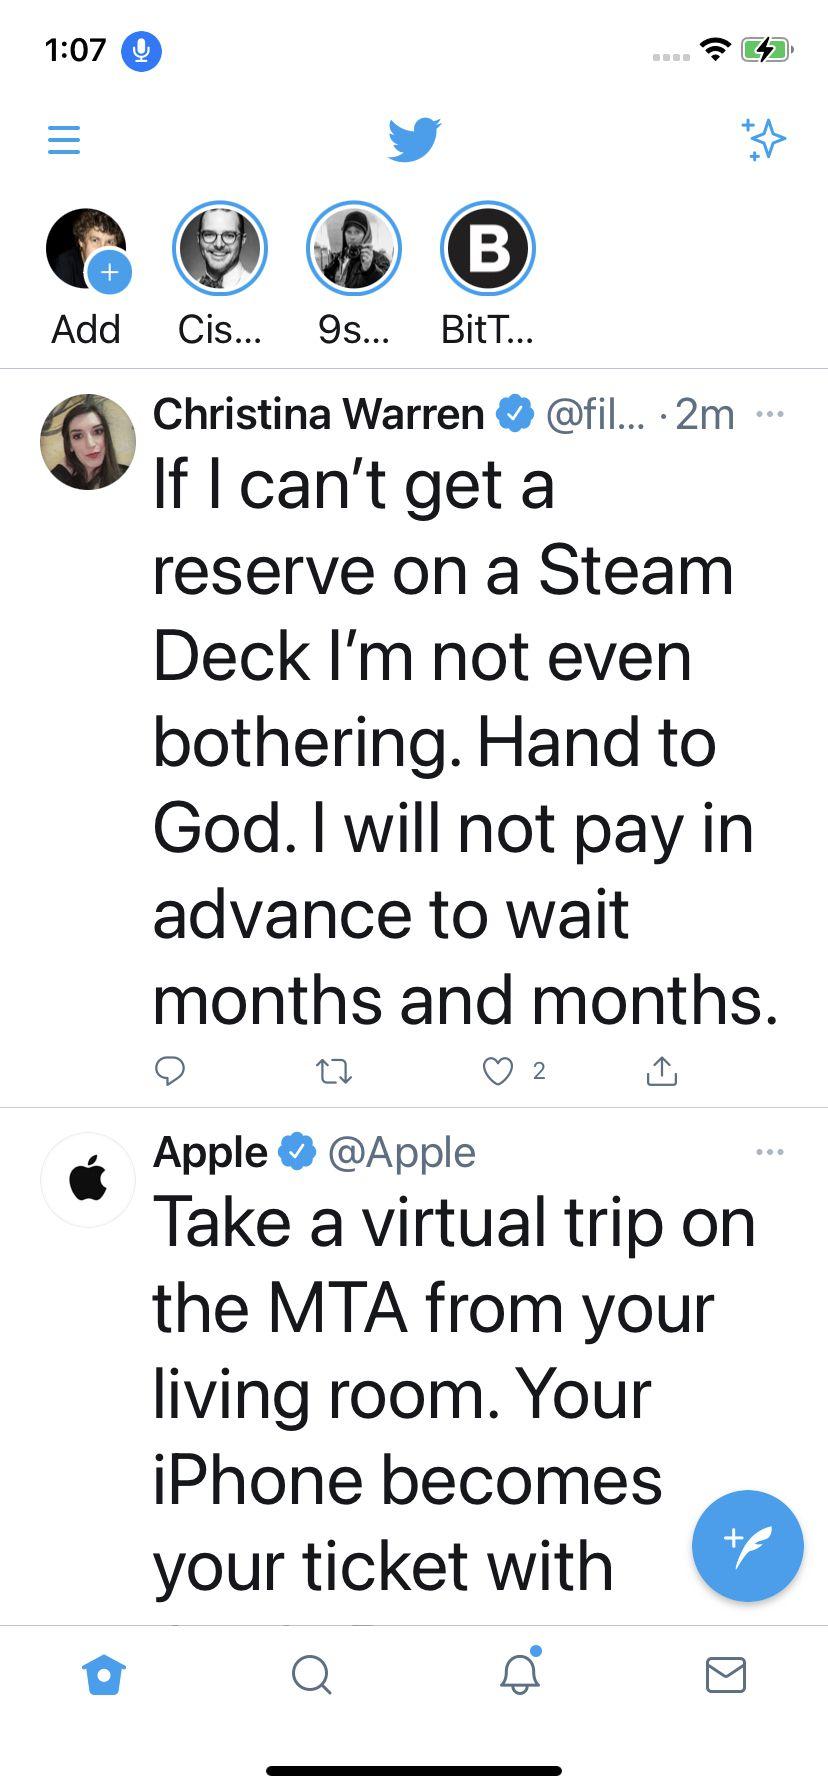 Acum ați schimbat dimensiunea textului doar pentru acea aplicație.